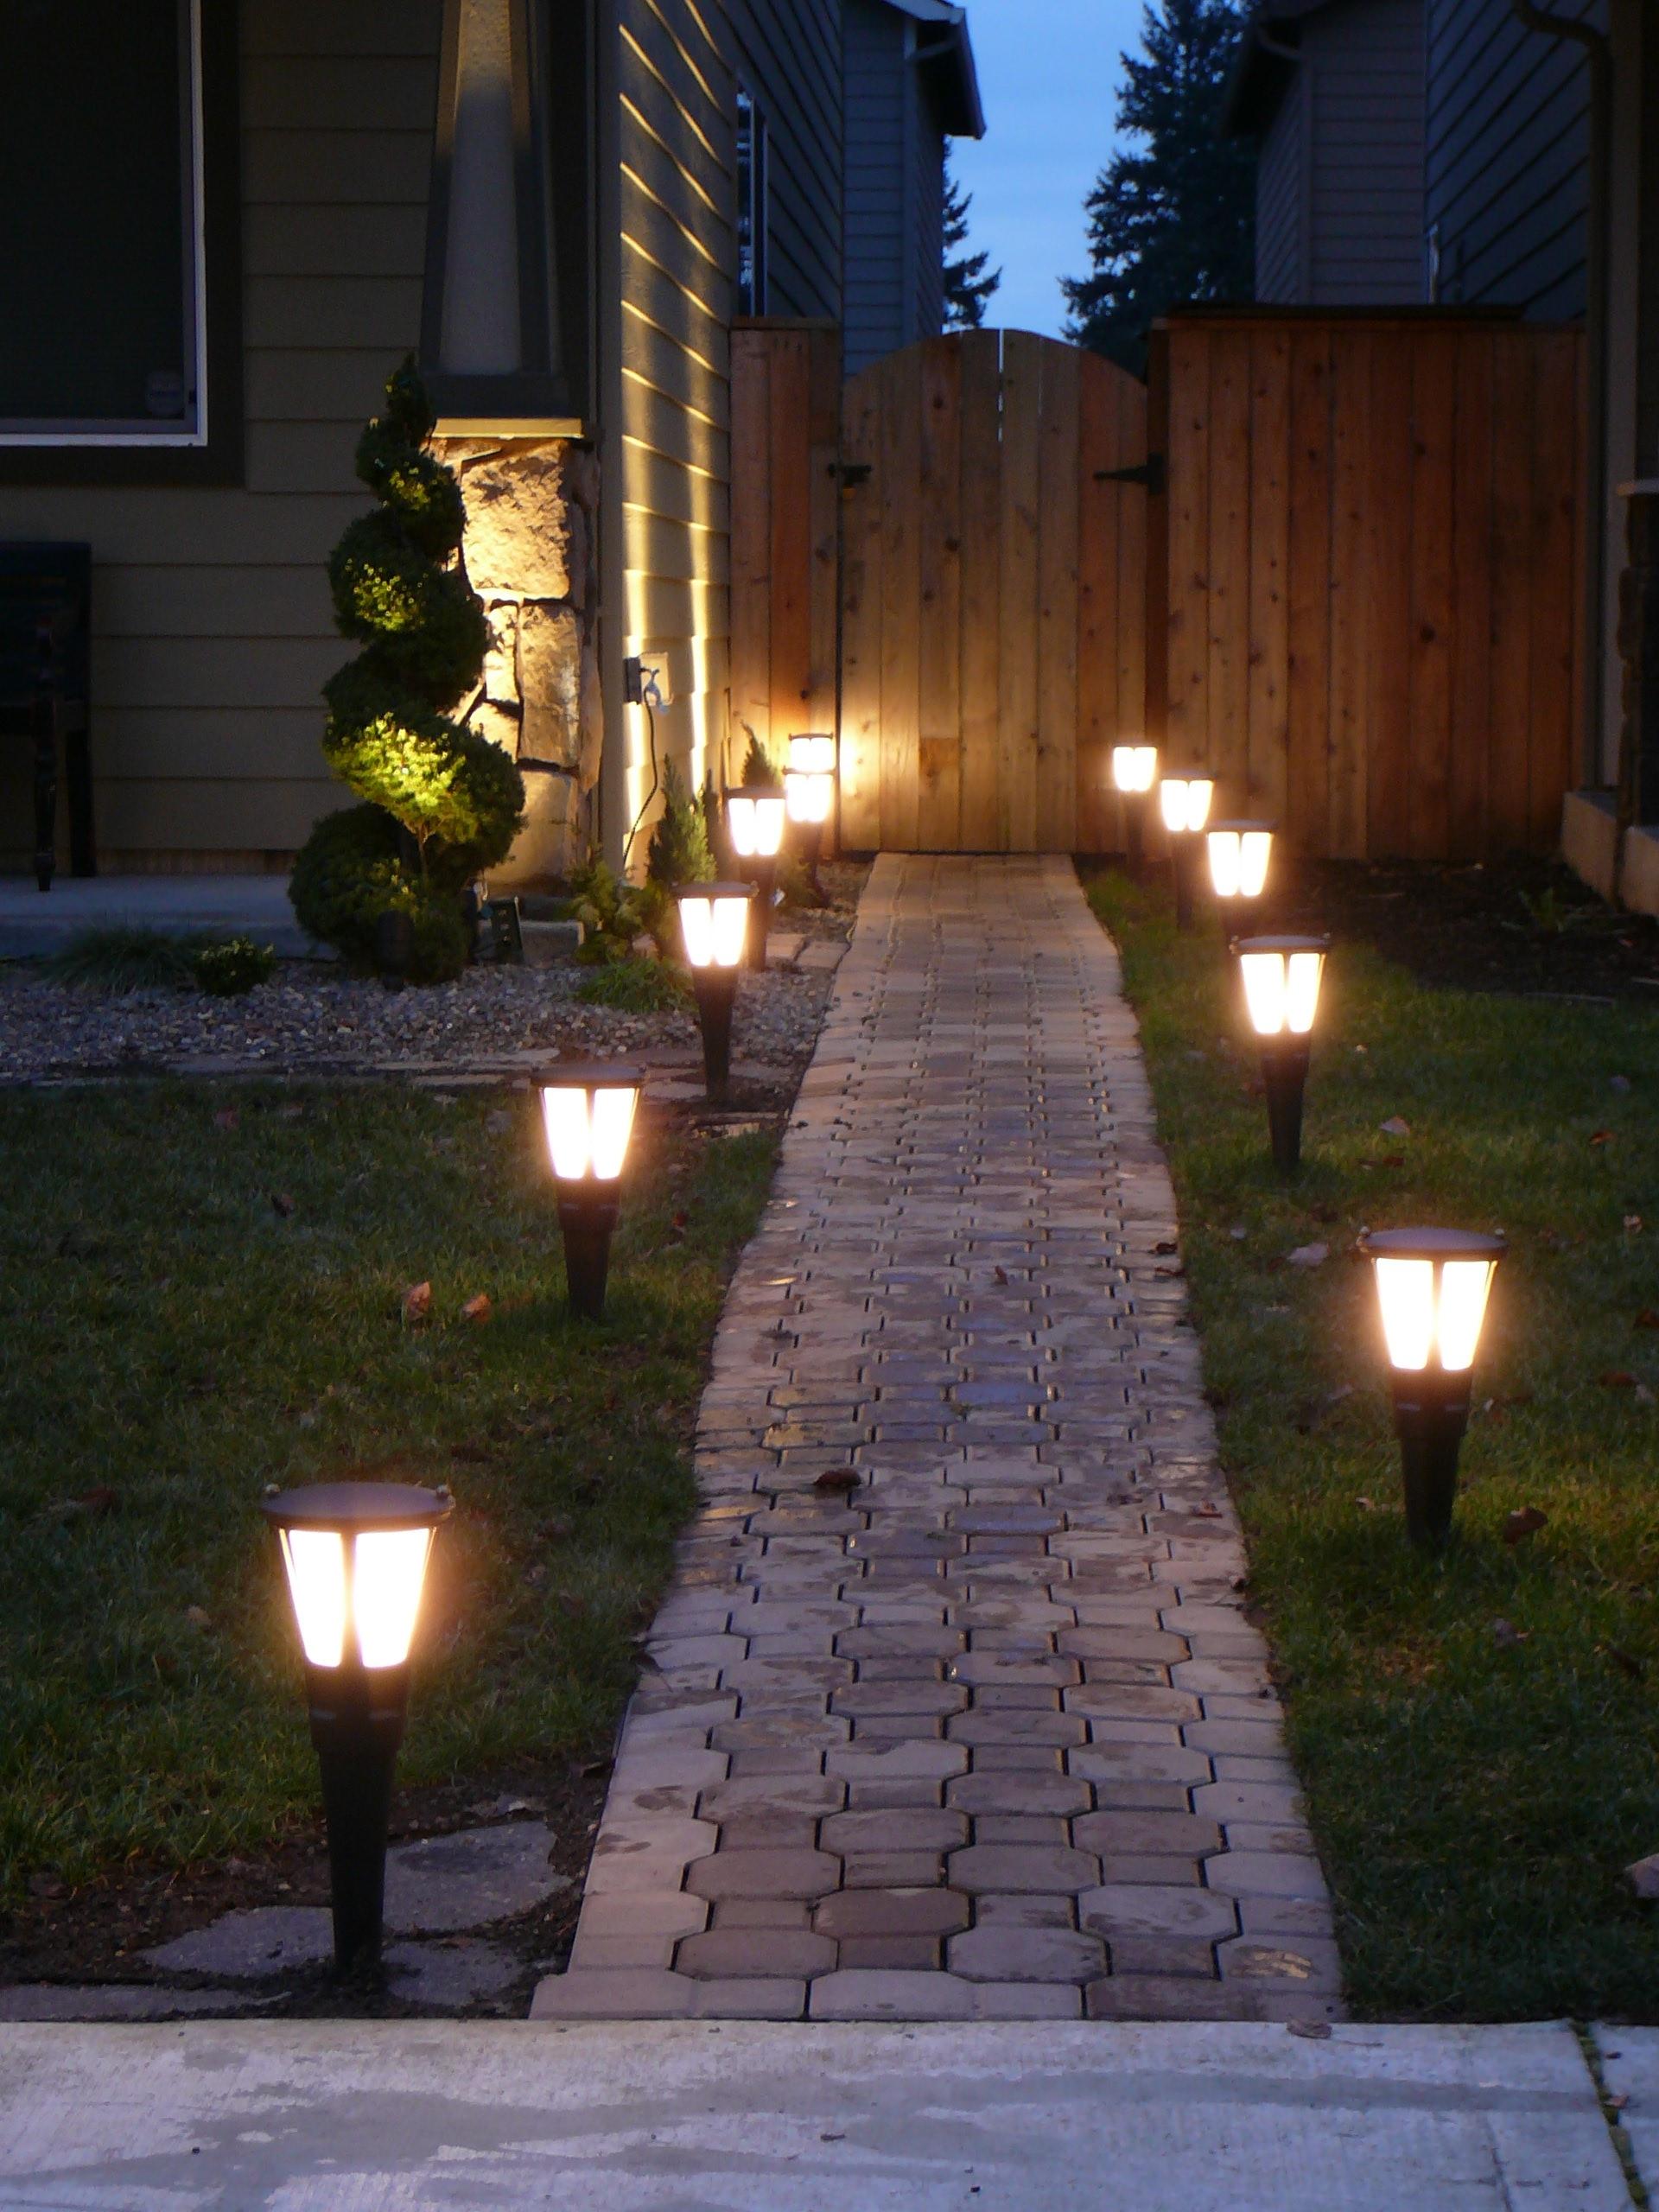 Rustic Outdoor Lighting For Modern Garden In Famous Garden Lighting Design Ideas (View 9 of 20)